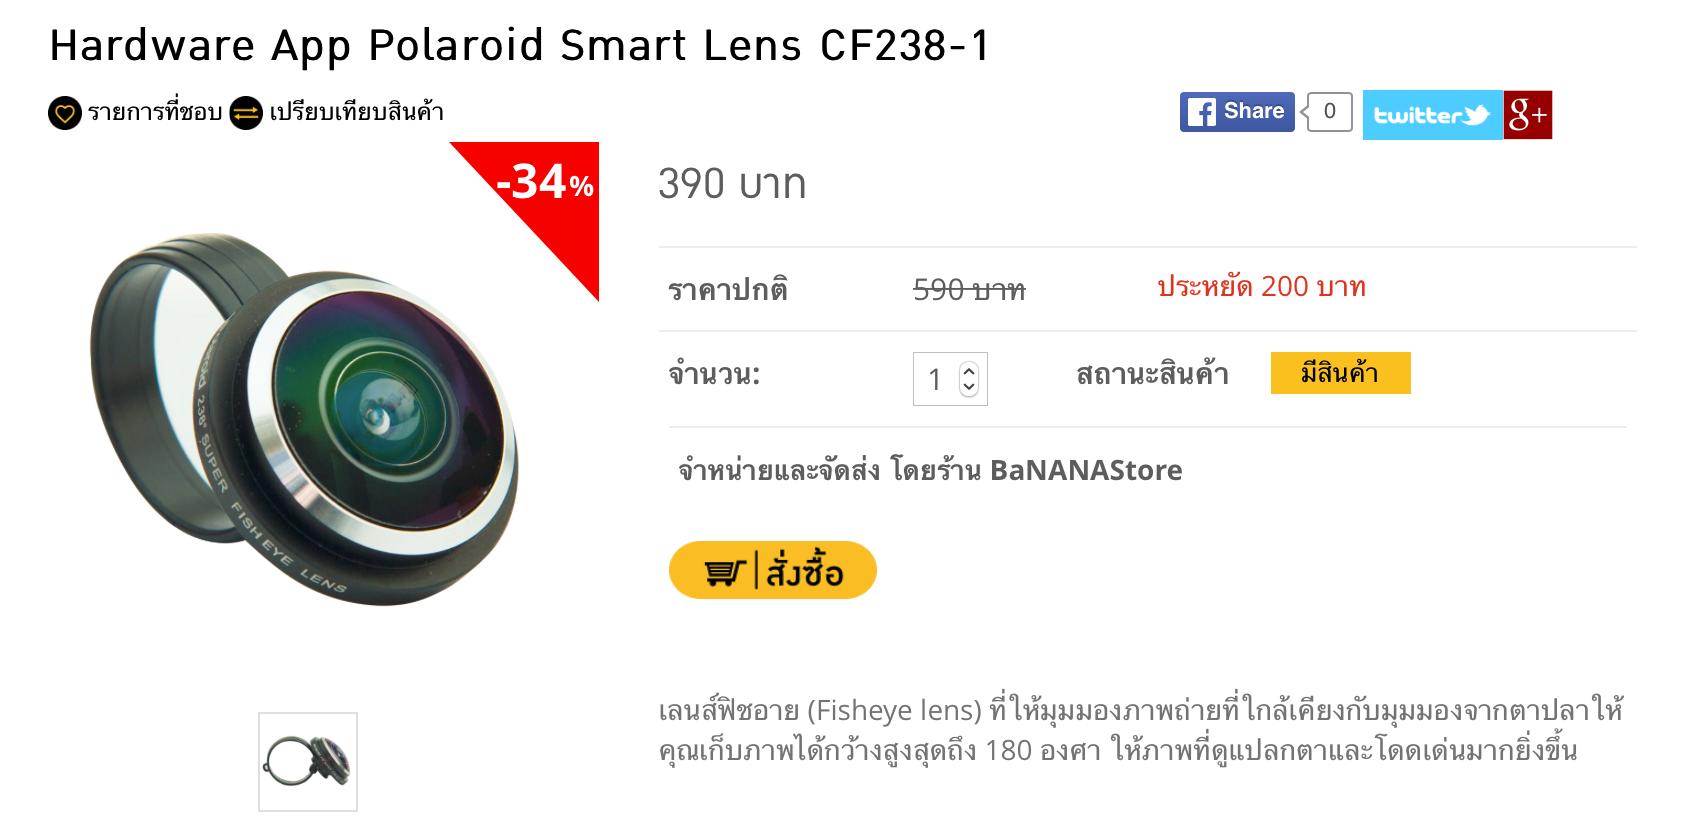 Polaroid-Smart-Lens-BananaStore-Promotion-000007